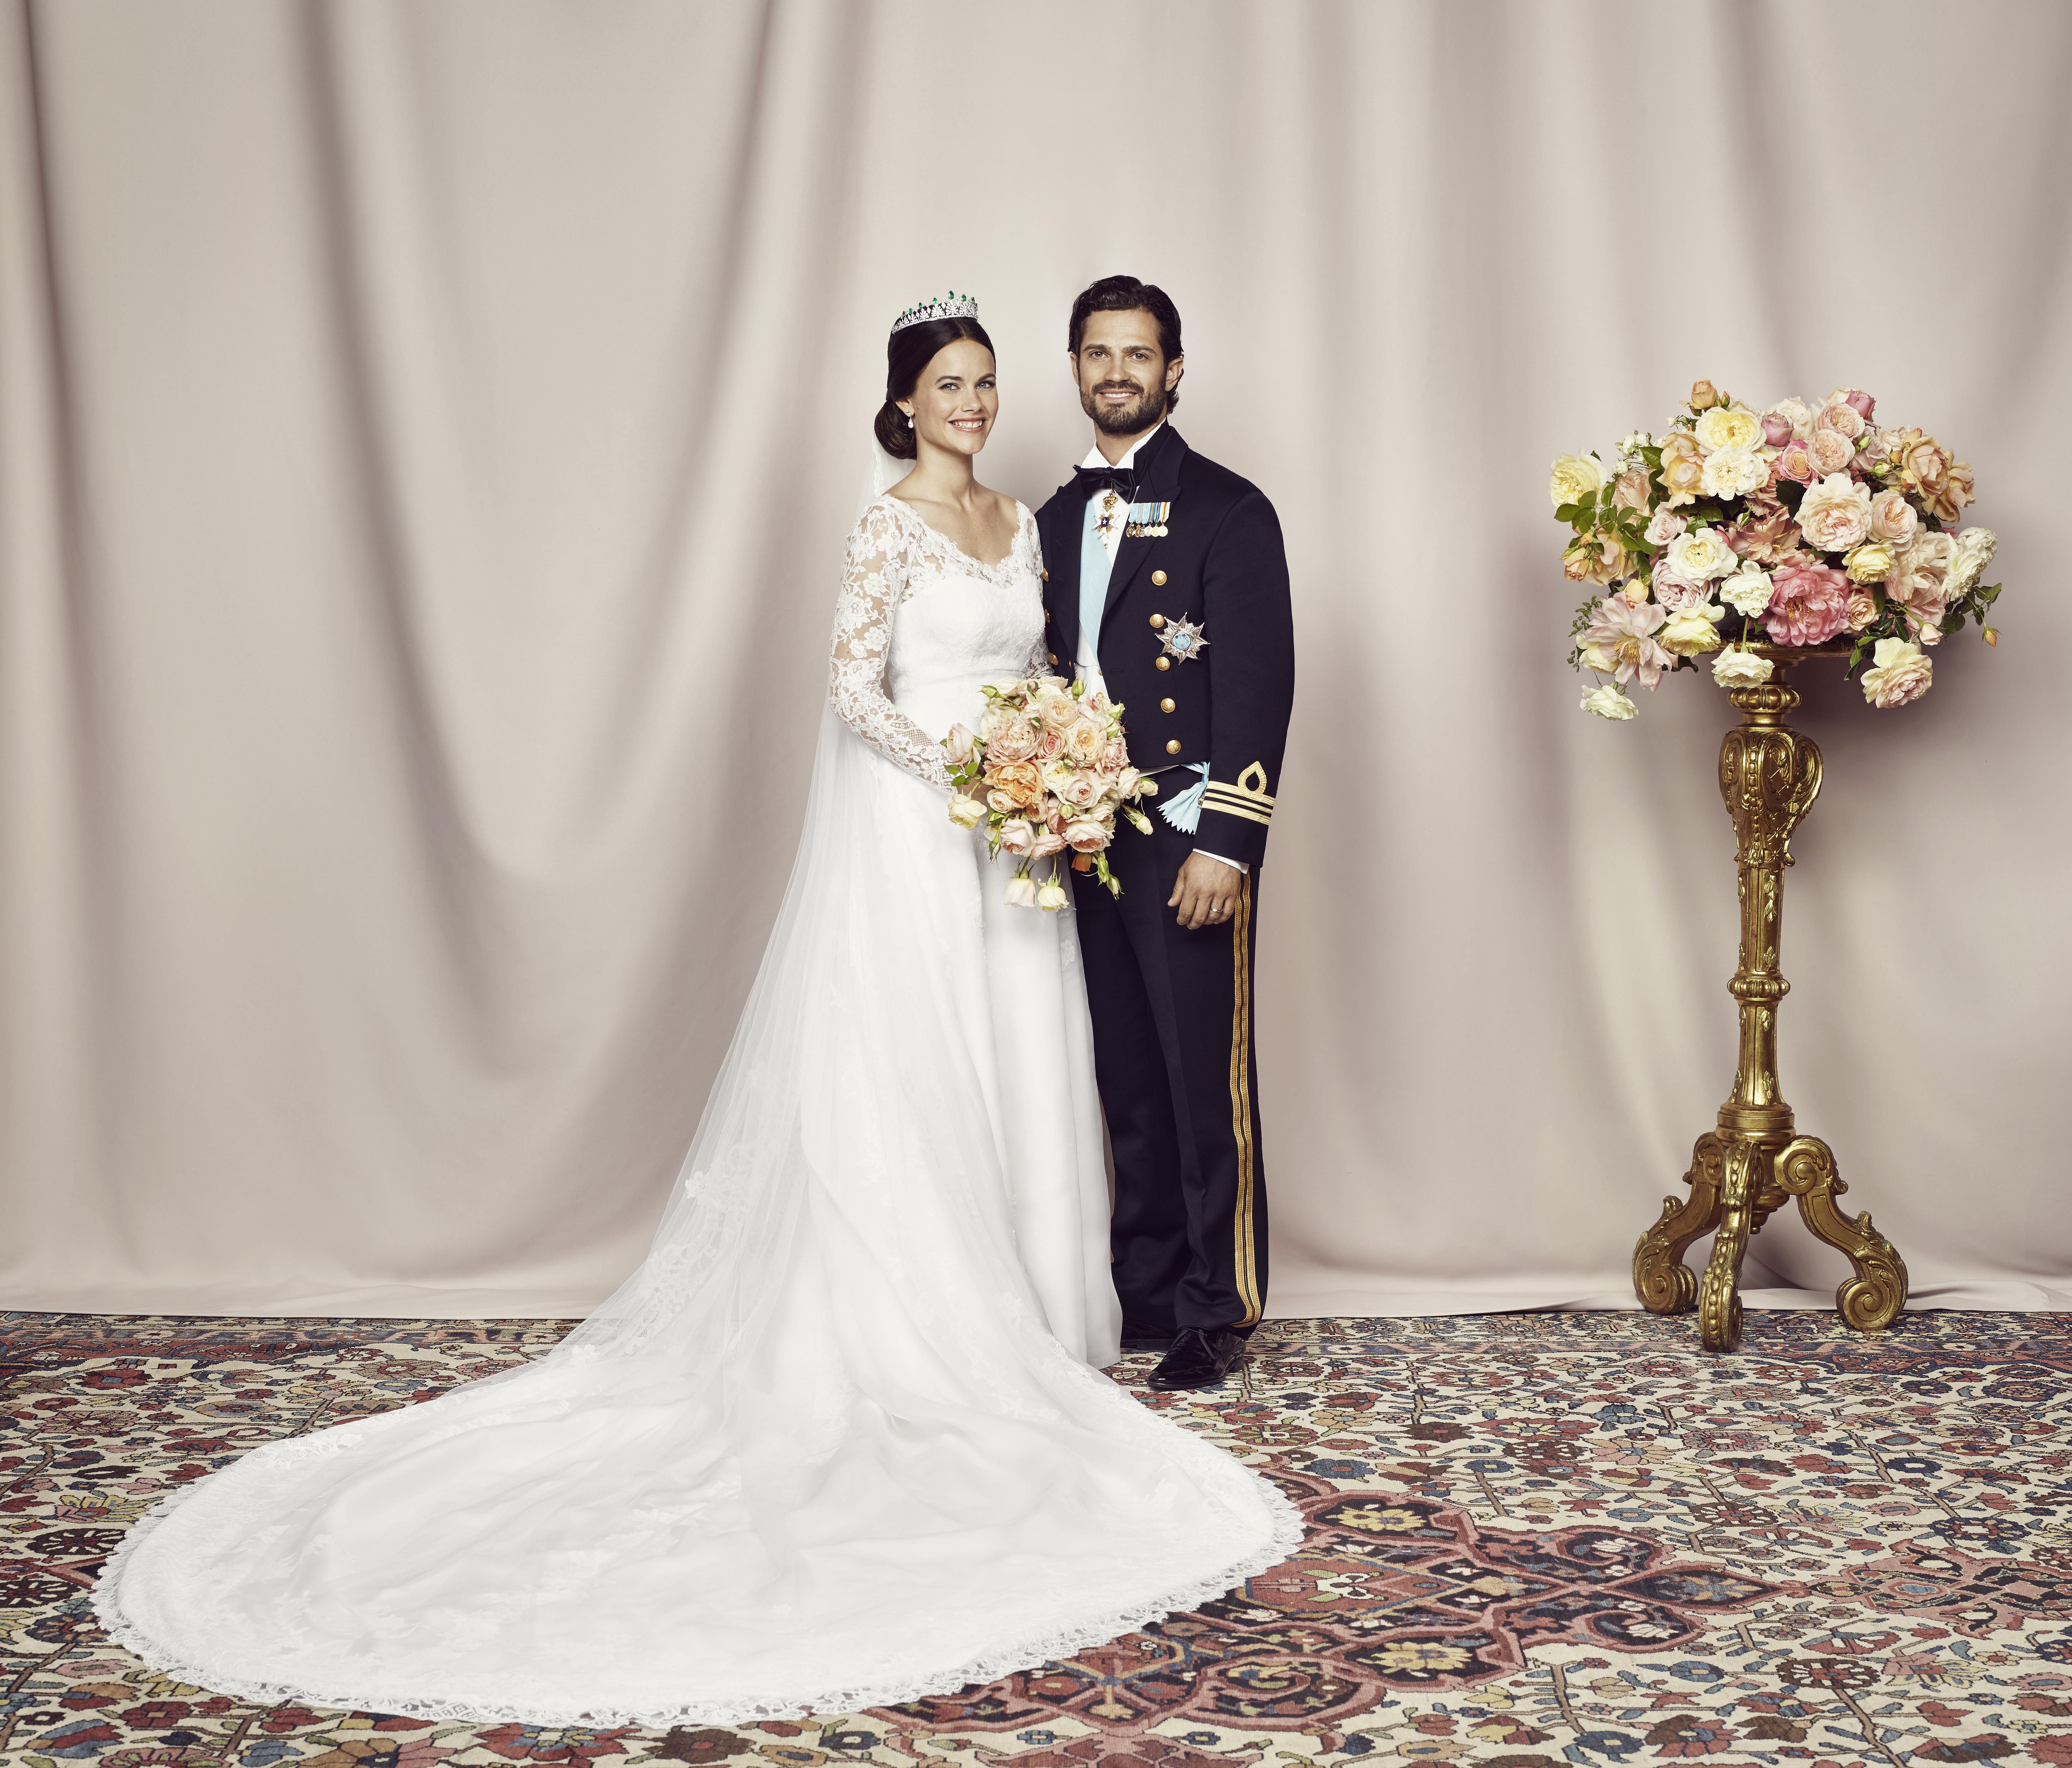 Les photos de mariage du prince Carl Philip de Suède